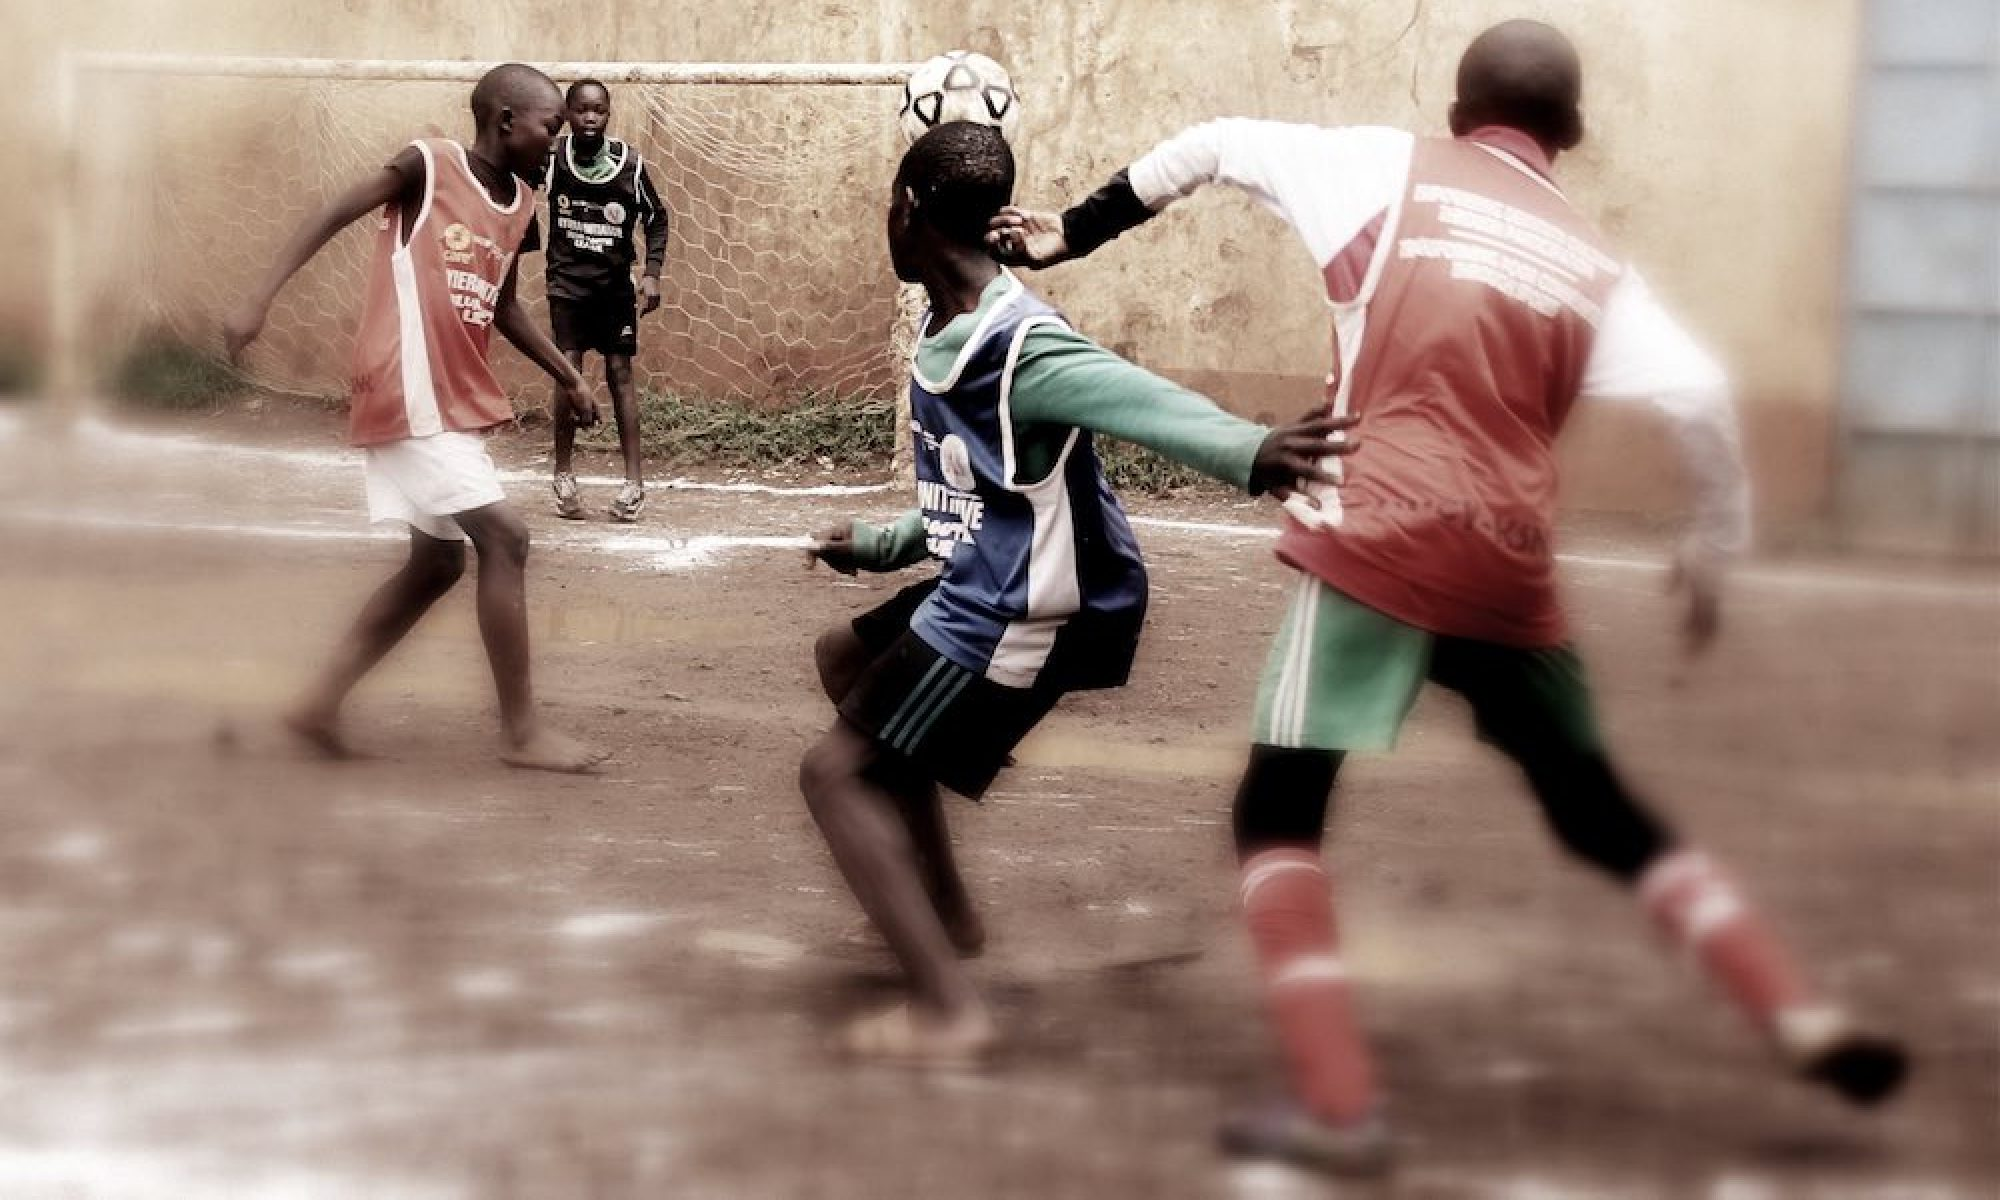 Stiftung Zukunft für Kinder in Slums